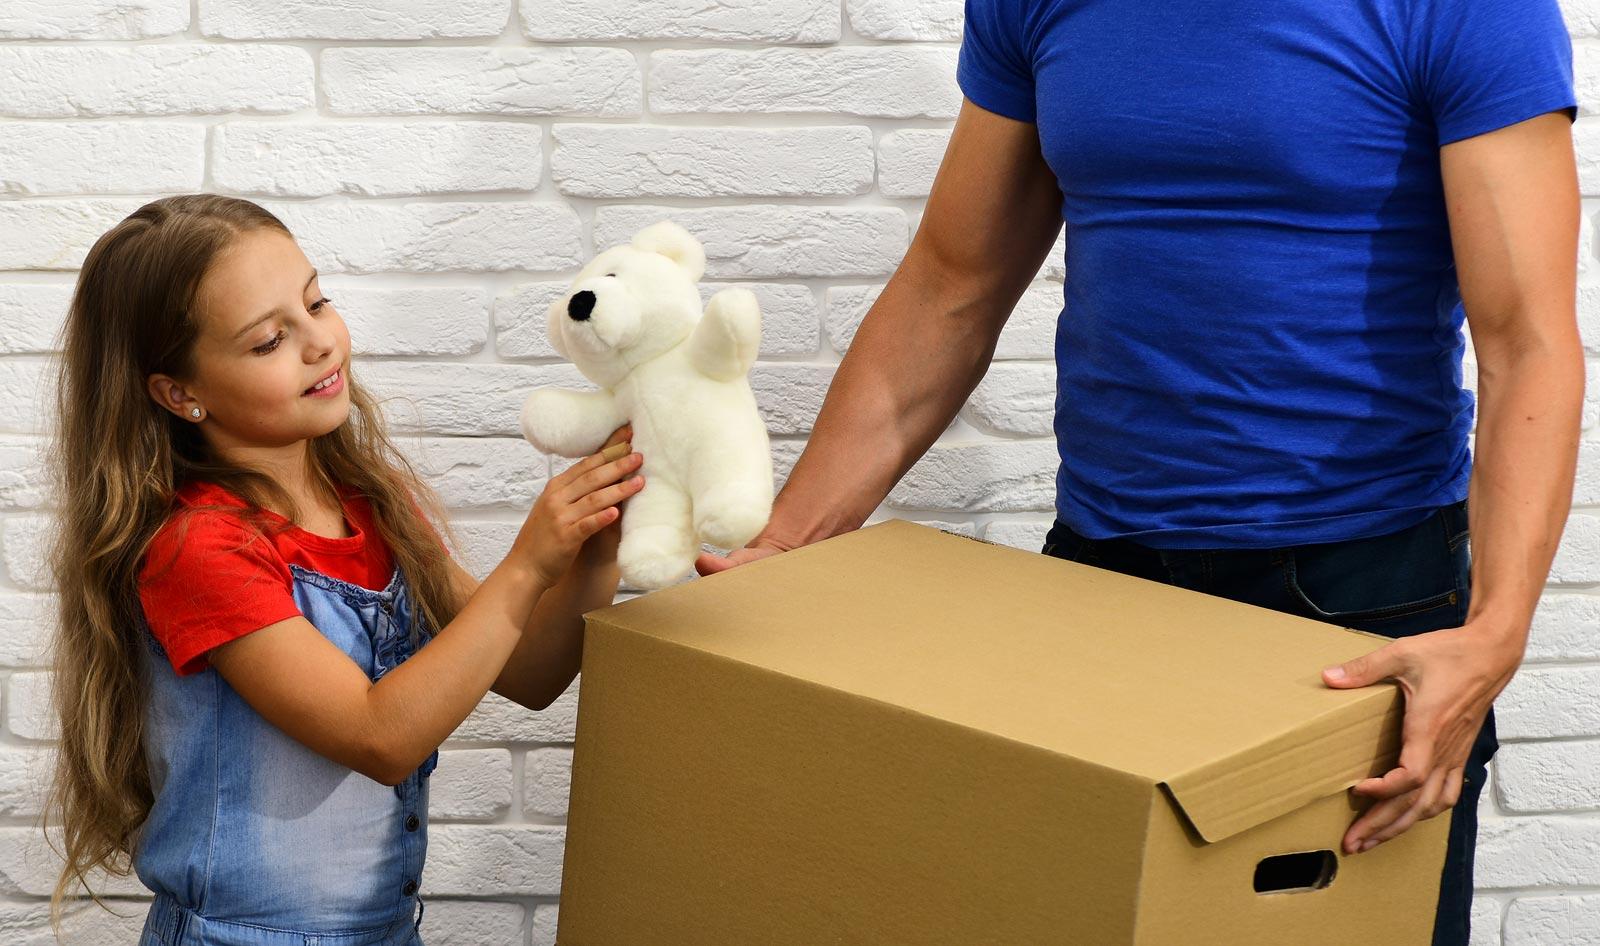 Une petite fille prépare un vieux jouet pour l'entreposage